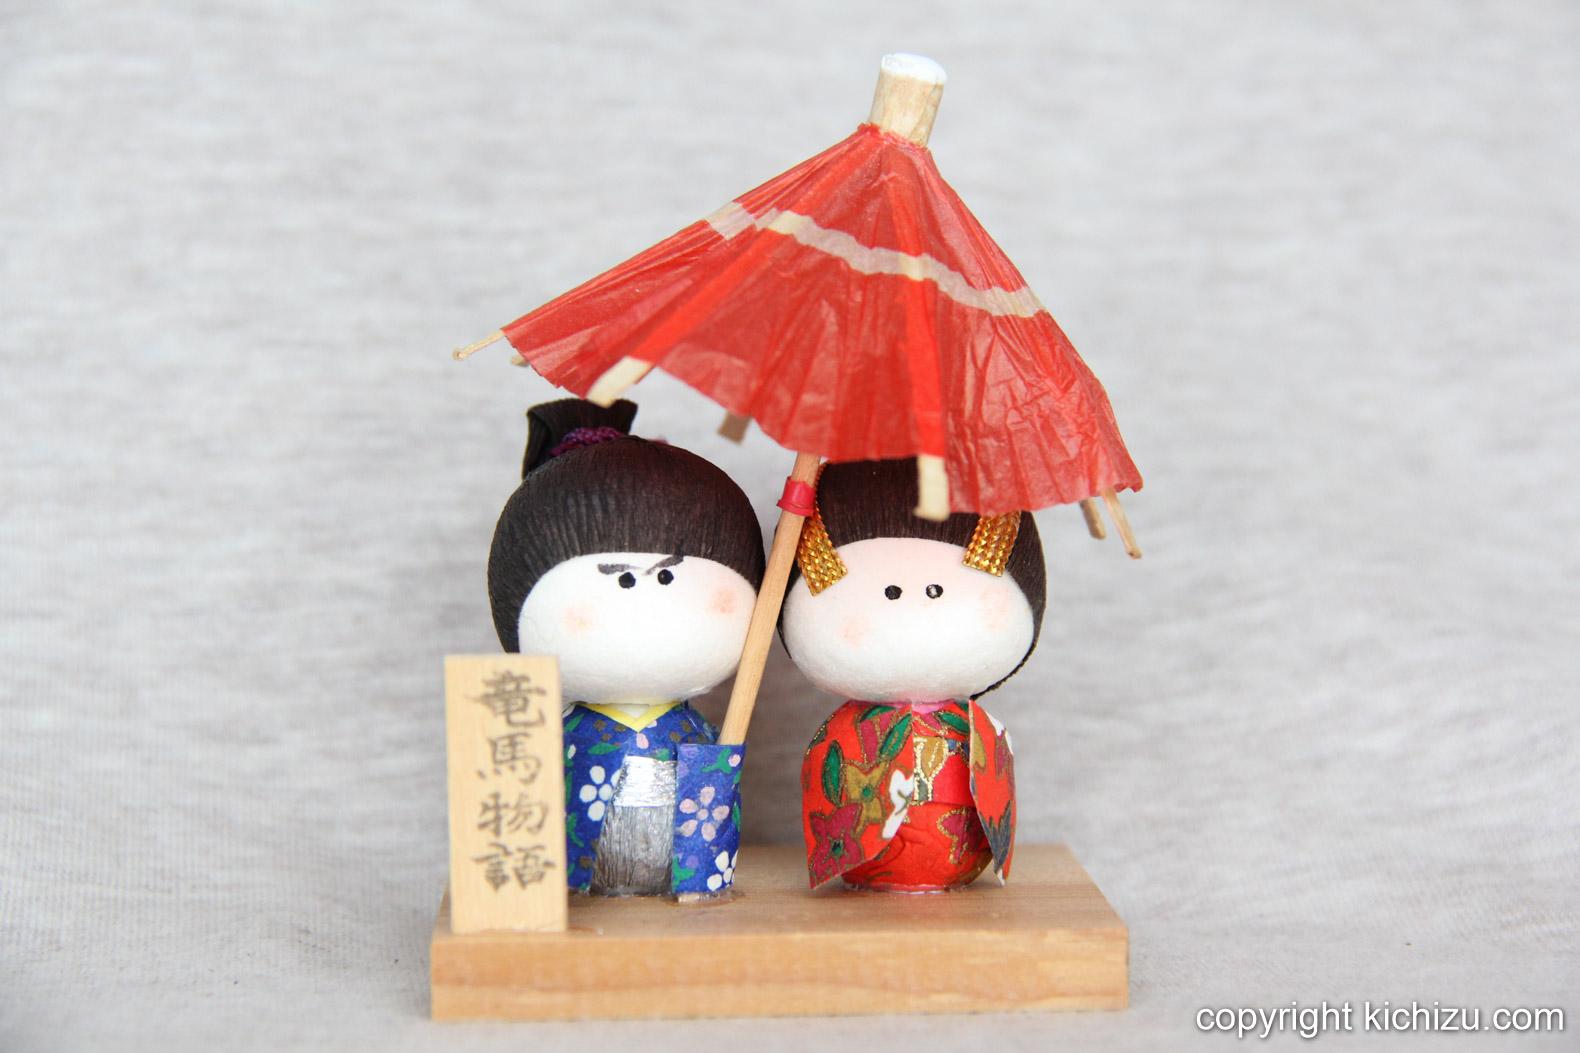 坂本龍馬夫妻が傘を差した人形